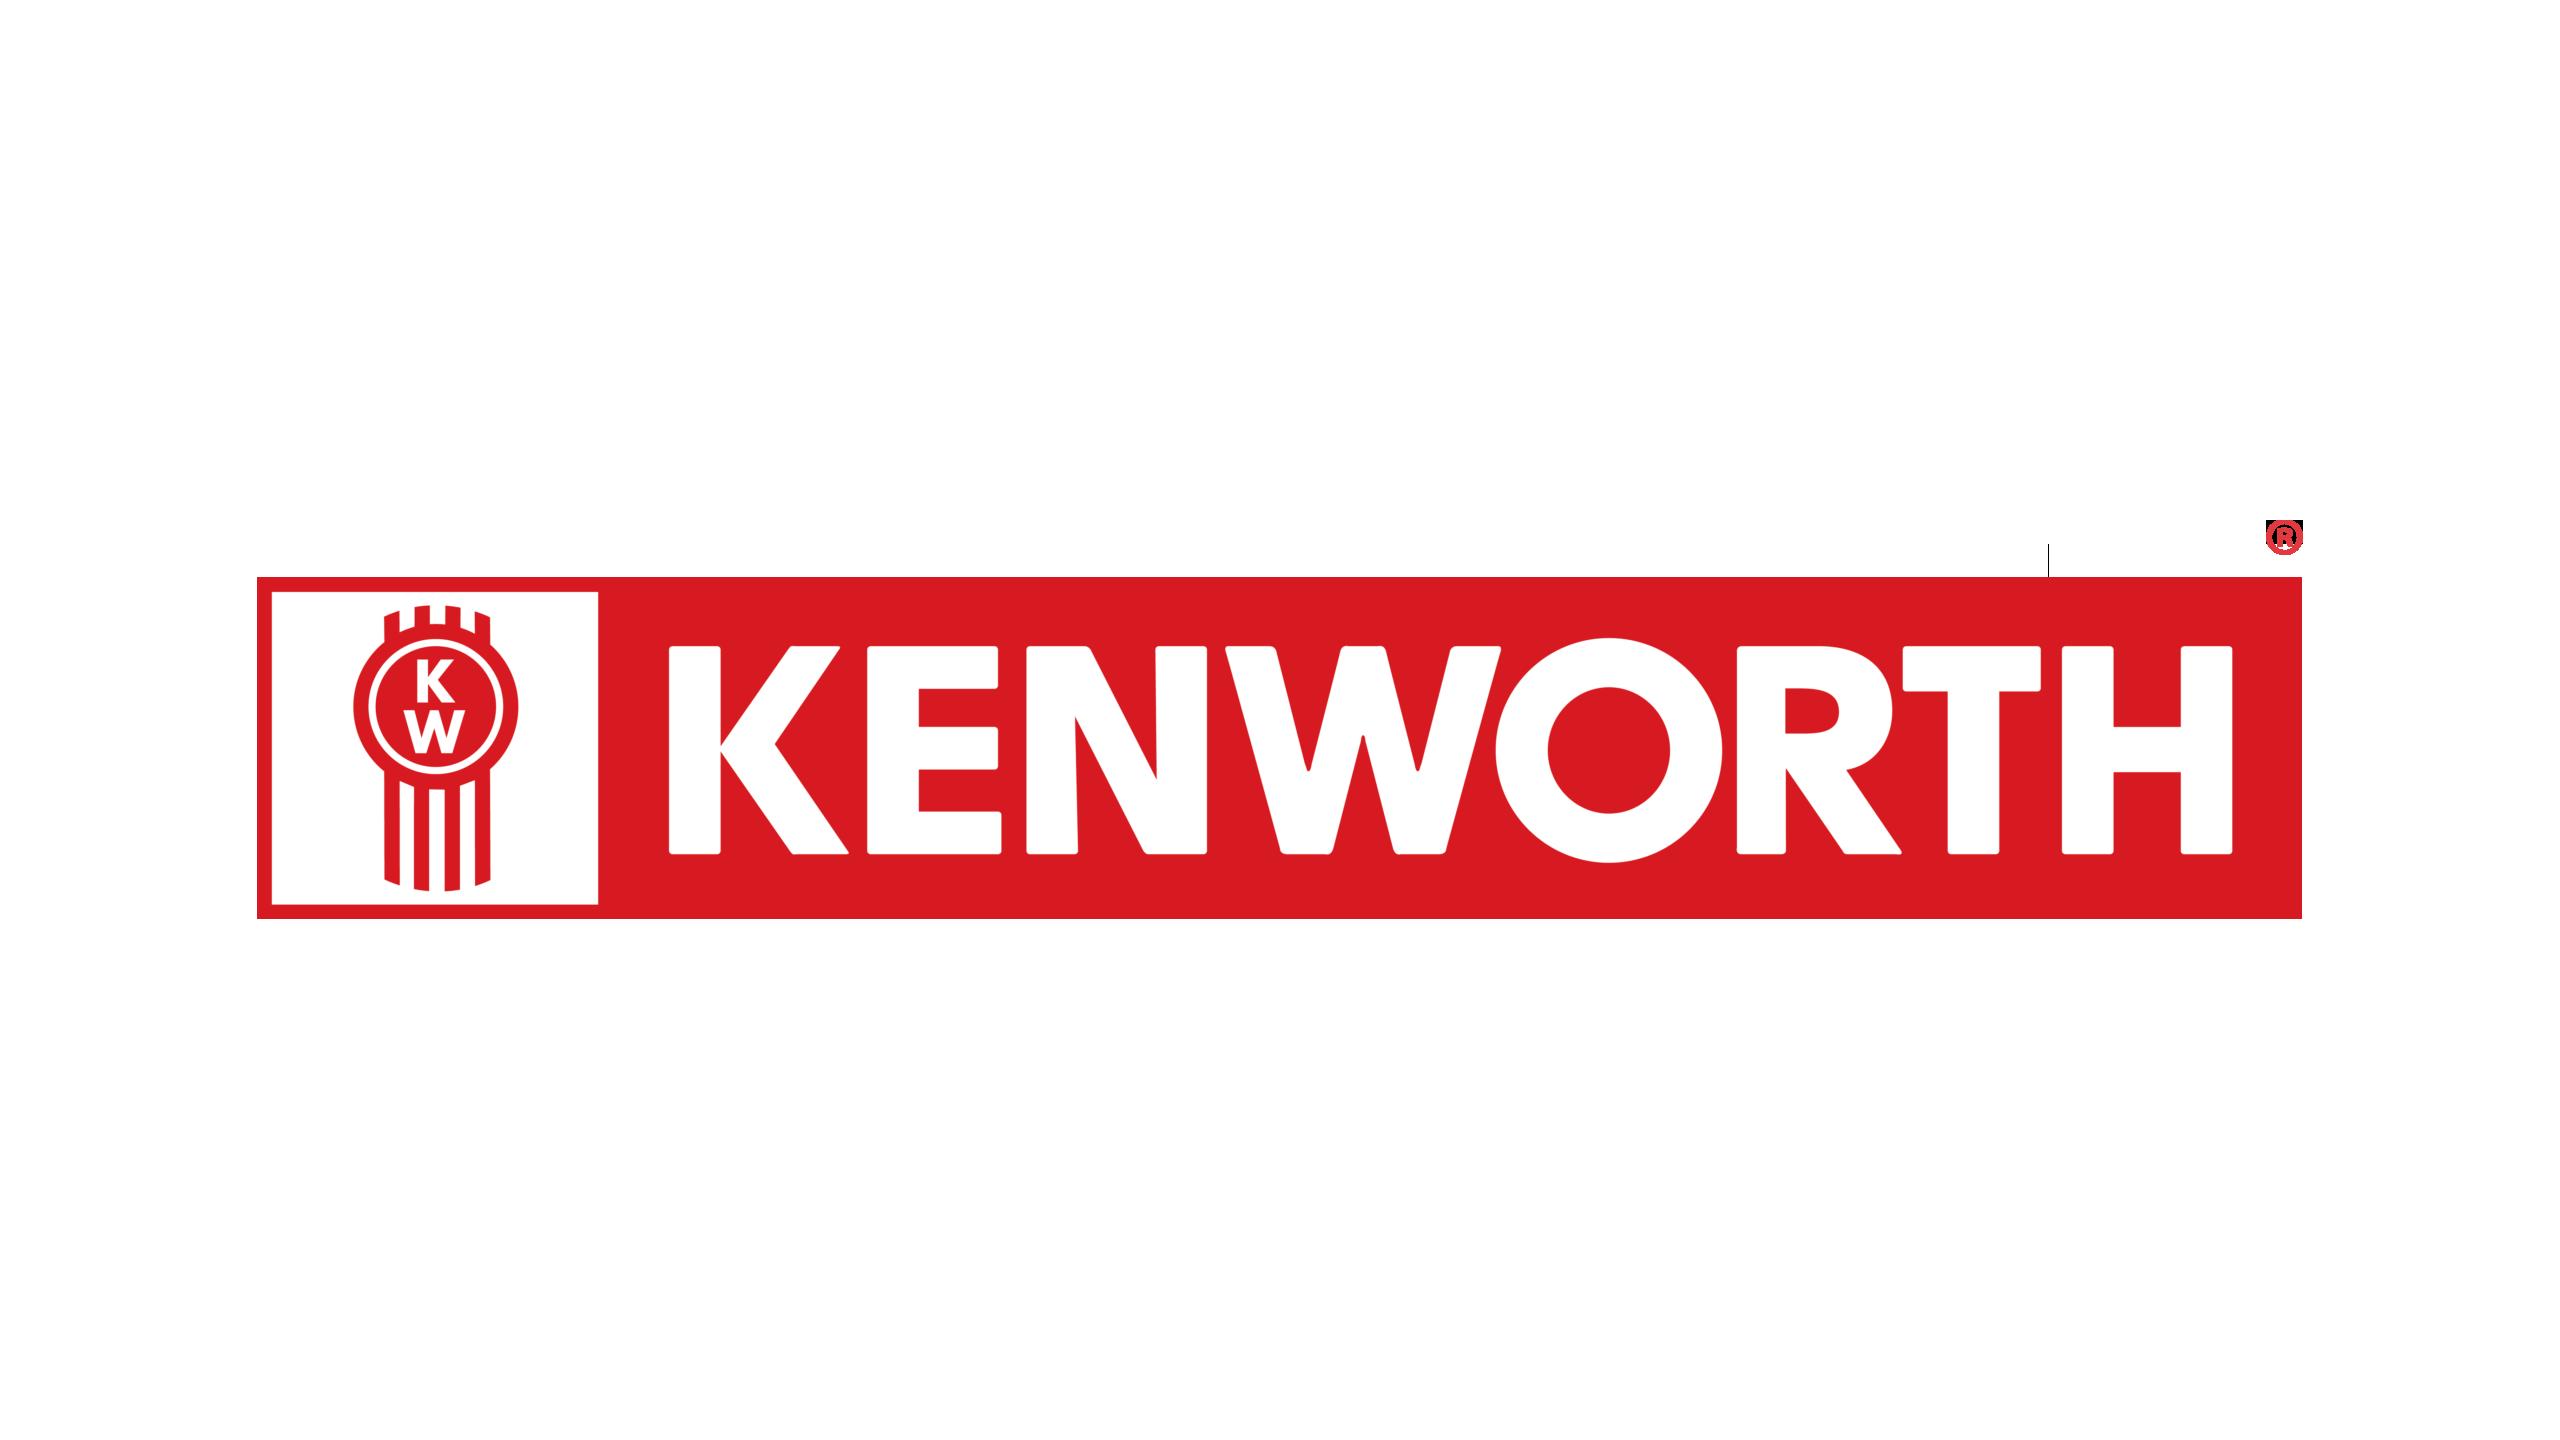 Kenworth-logo-2560x1440